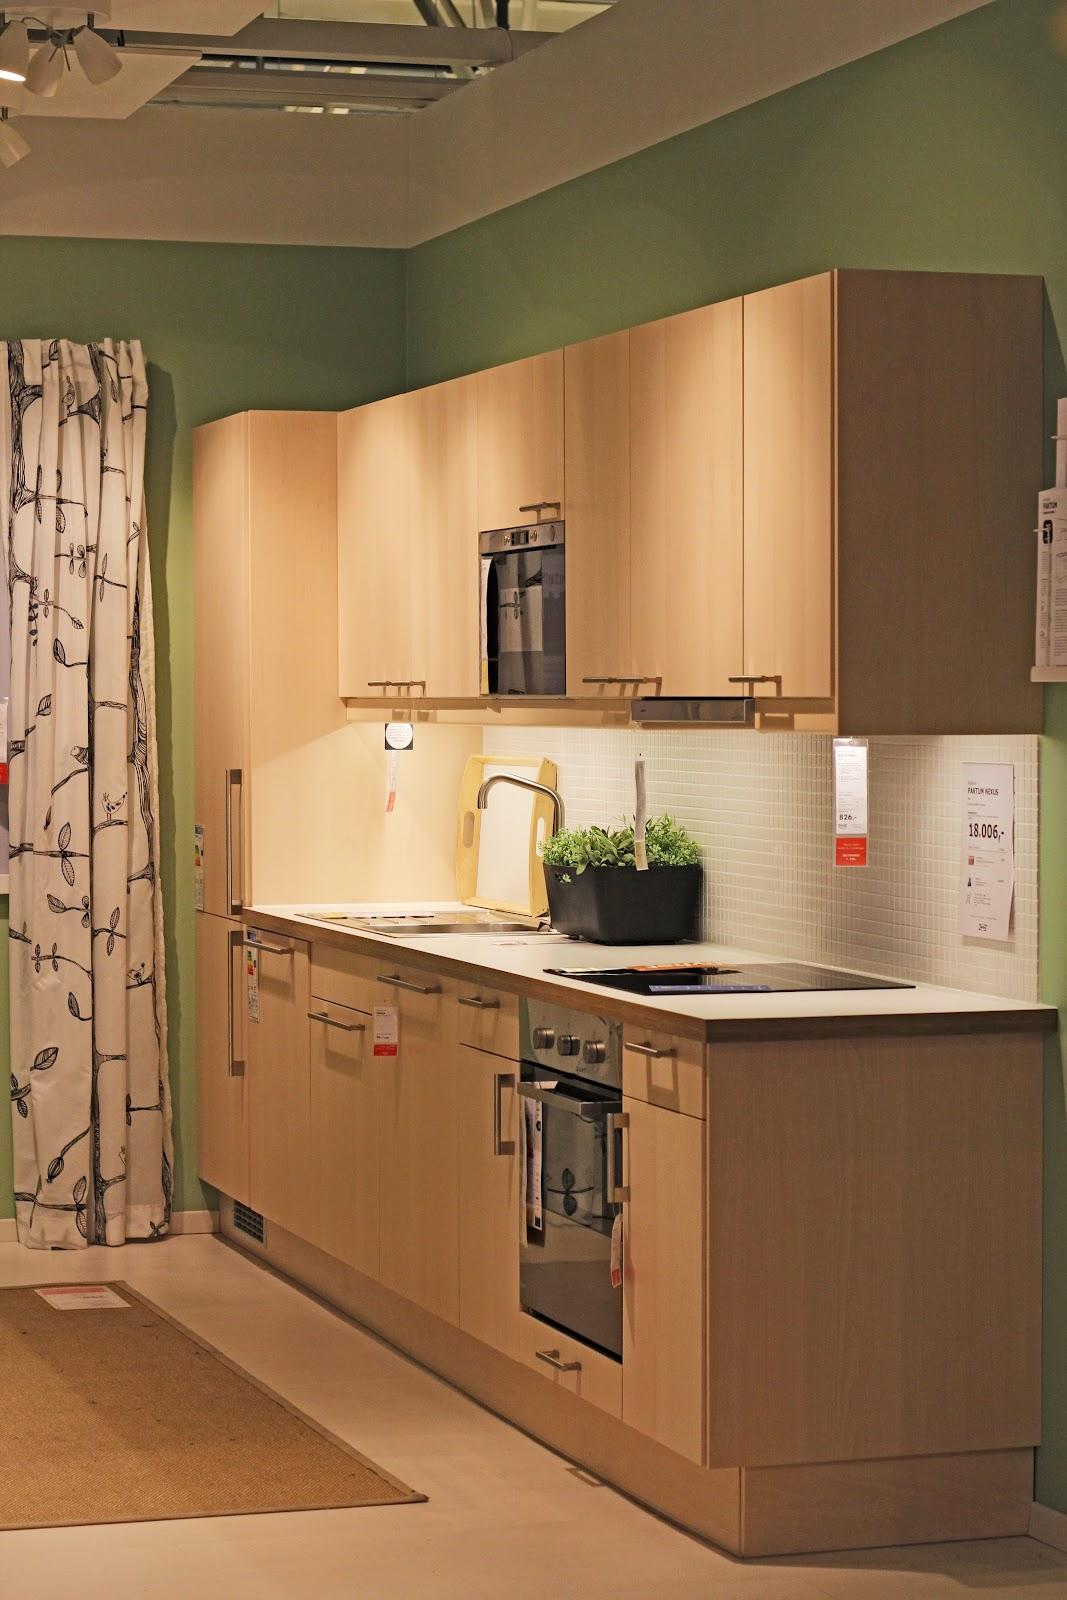 Hyggelig Ikea Benkeplate Kjøkken | Sigdal Kjøkken Nordisk Sigdal Kjokken As WU-94